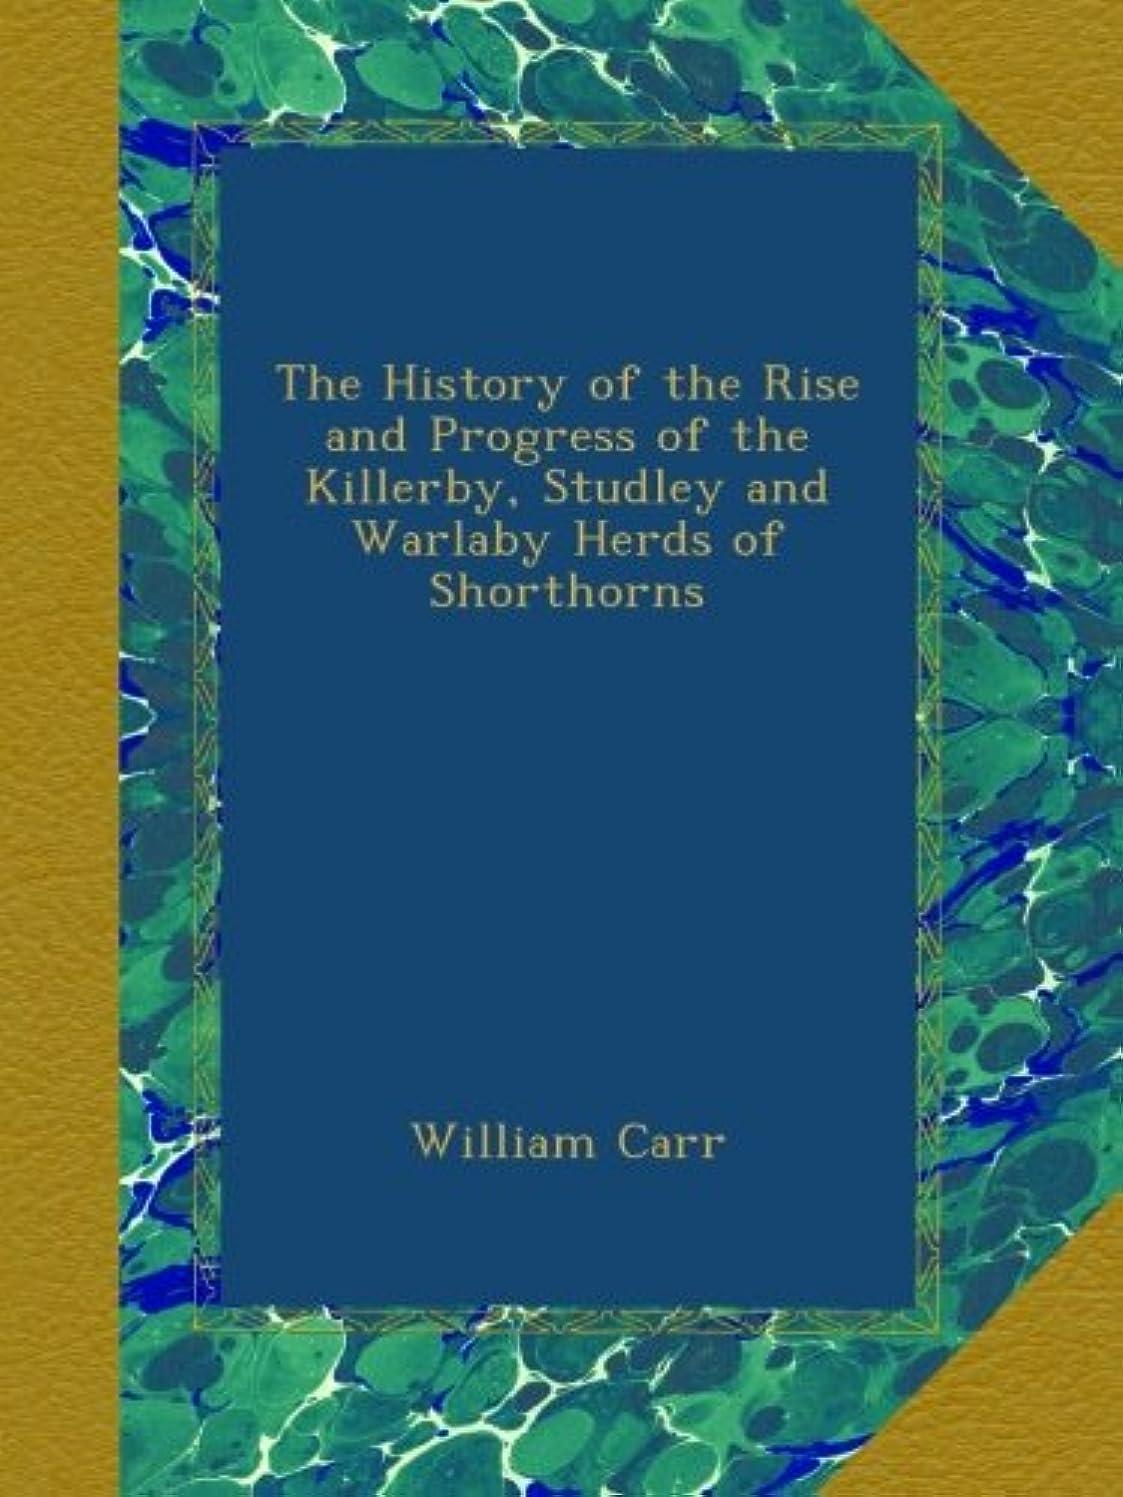 マウンド支援する待つThe History of the Rise and Progress of the Killerby, Studley and Warlaby Herds of Shorthorns